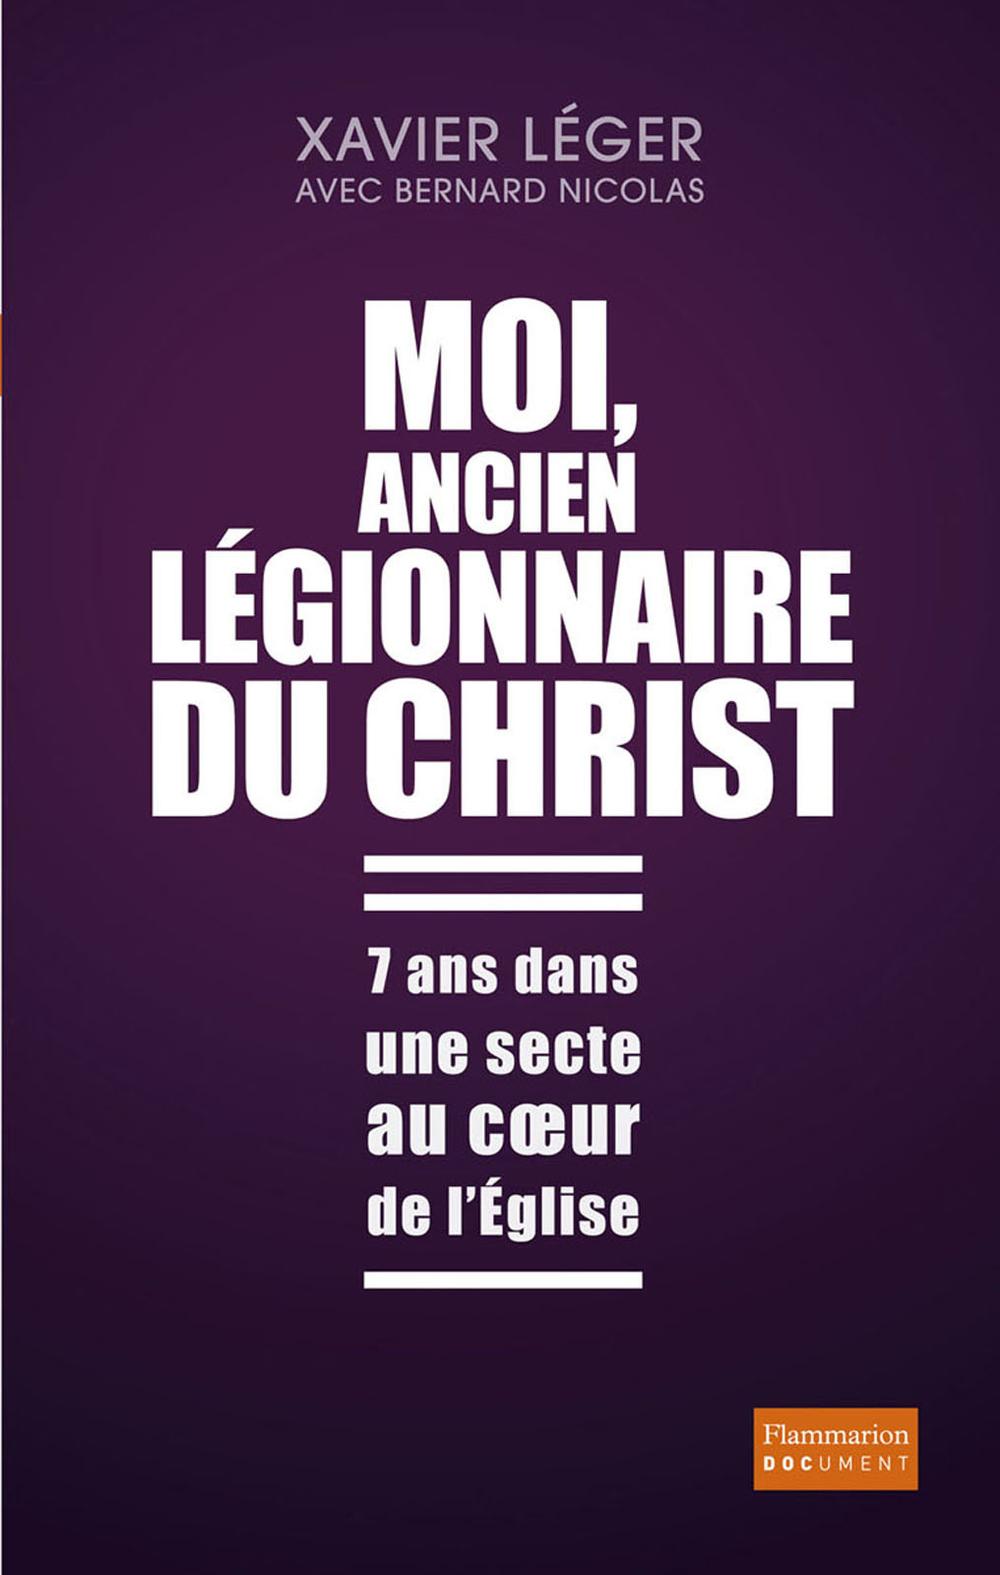 Moi, ancien légionnaire du Christ